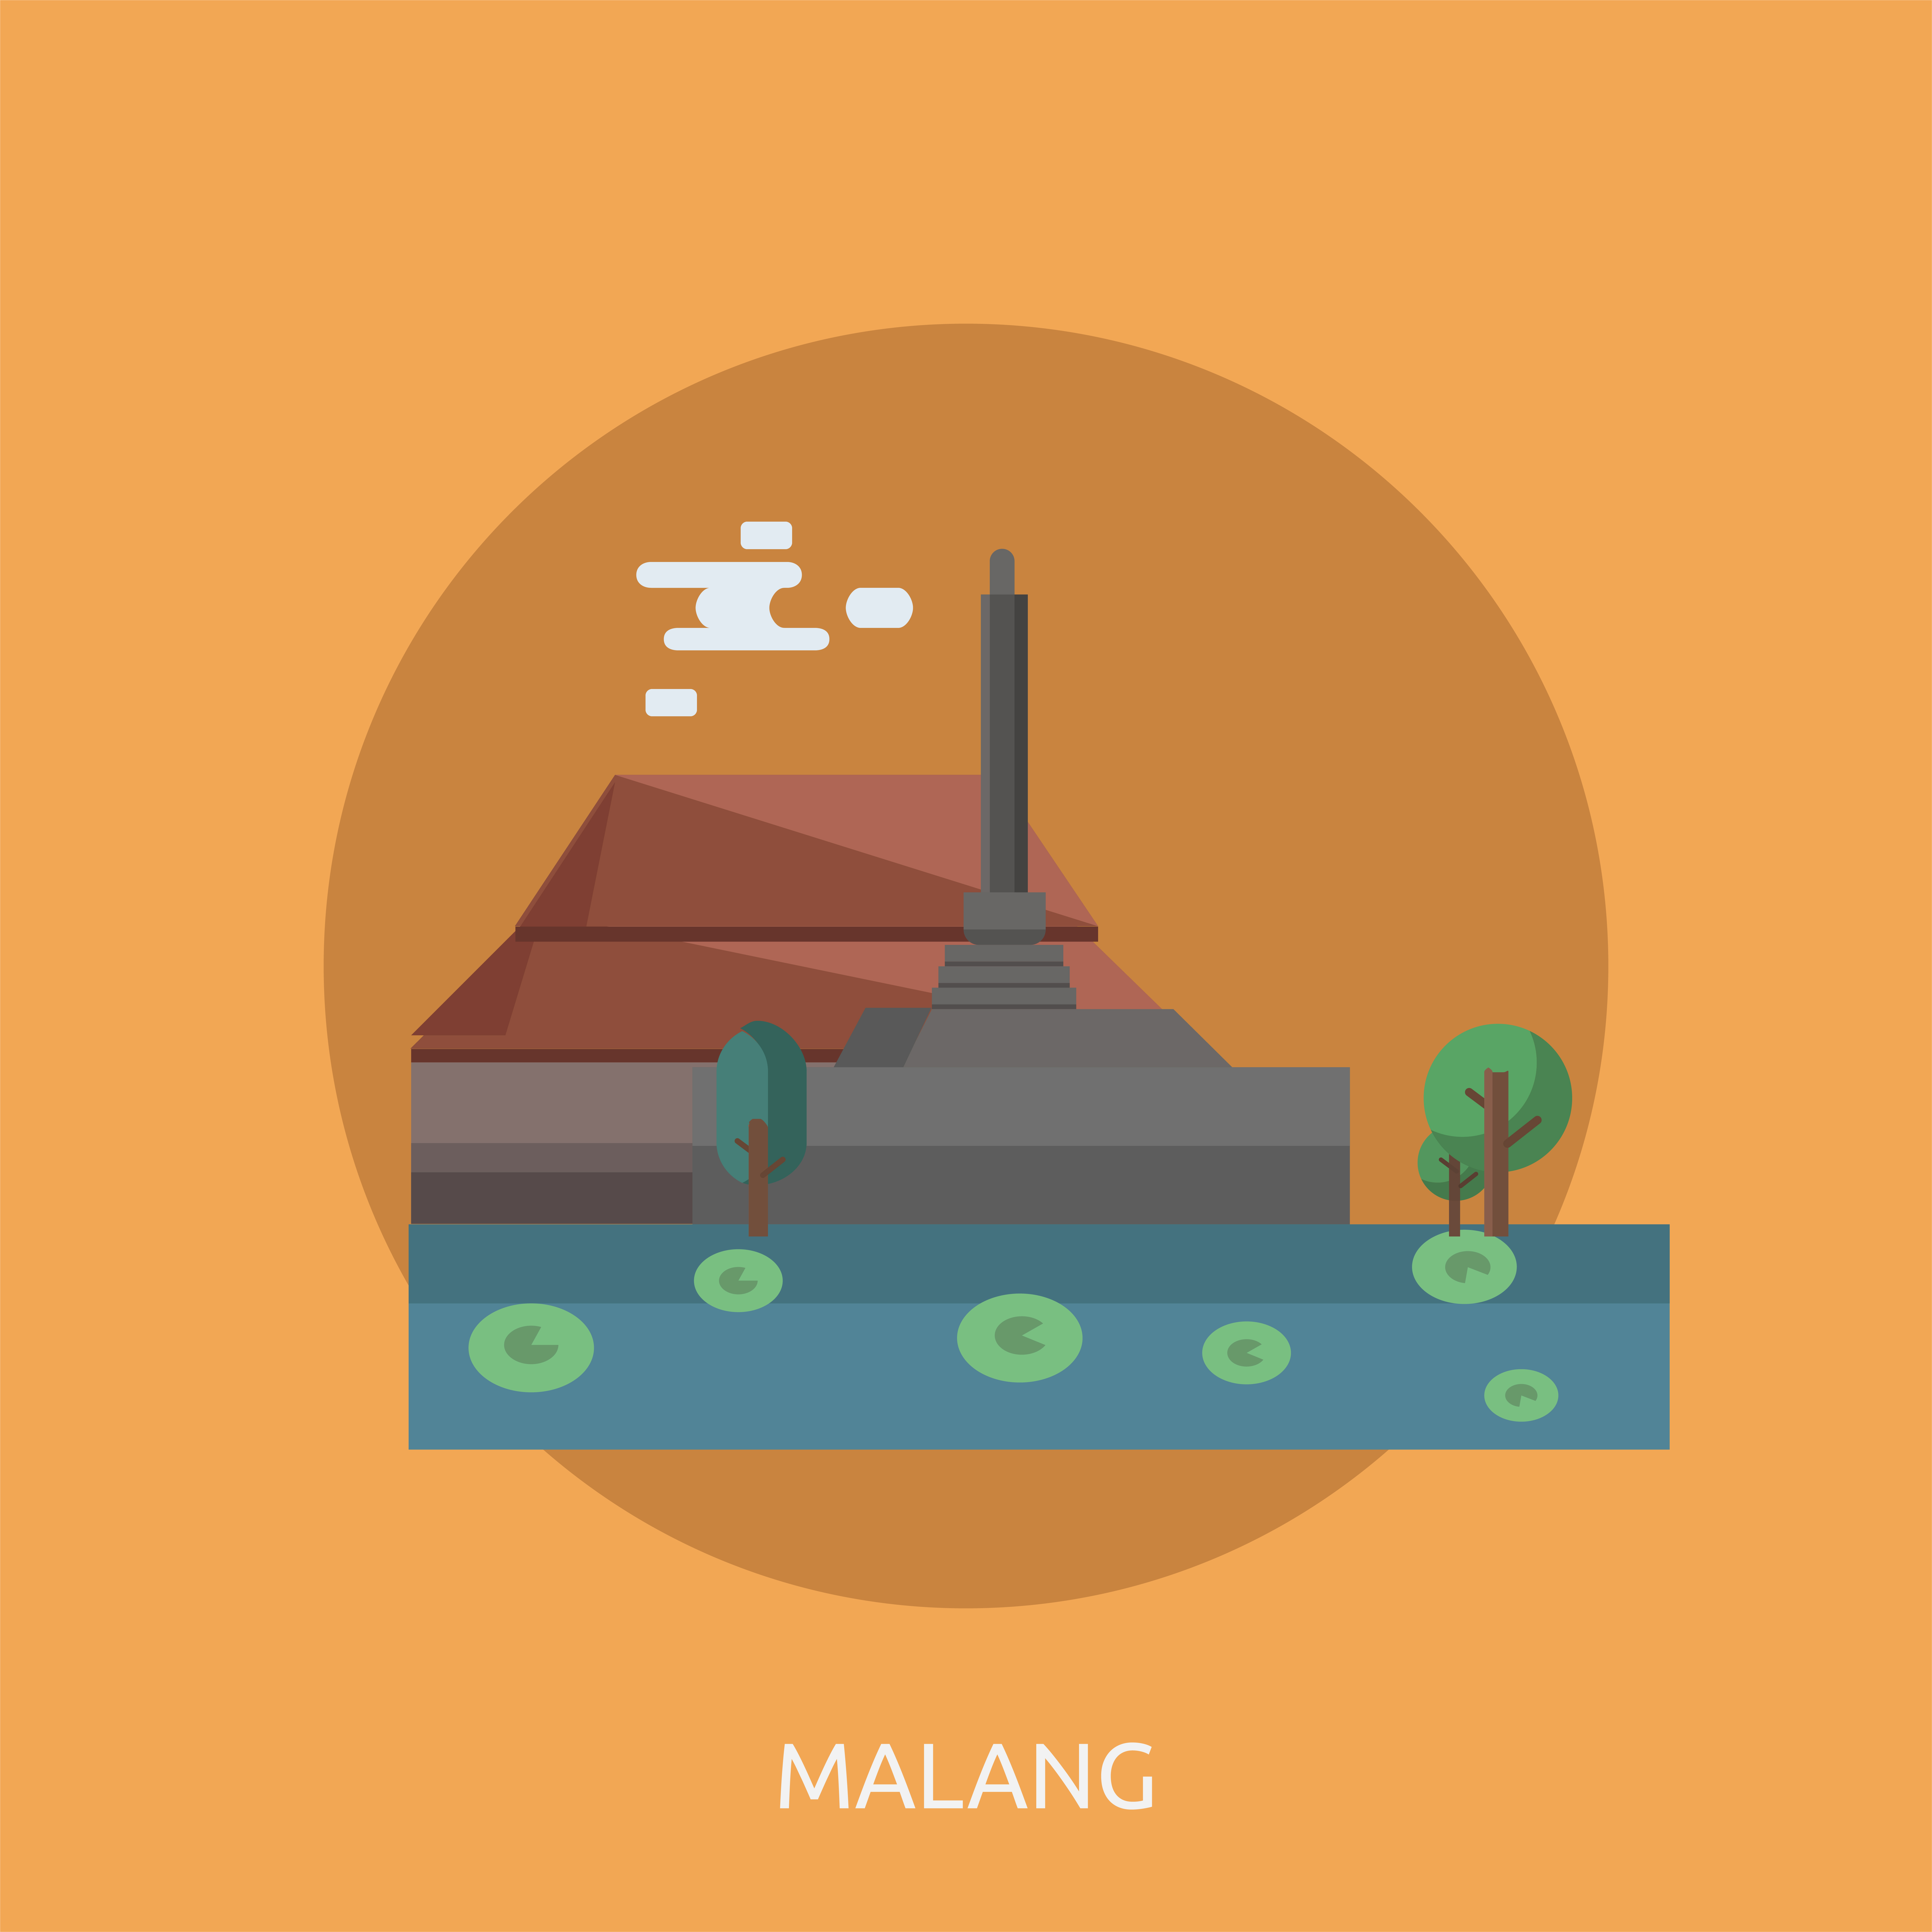 Malang Conceptual Illustration Design Download Free Vectors Clipart Graphics Vector Art